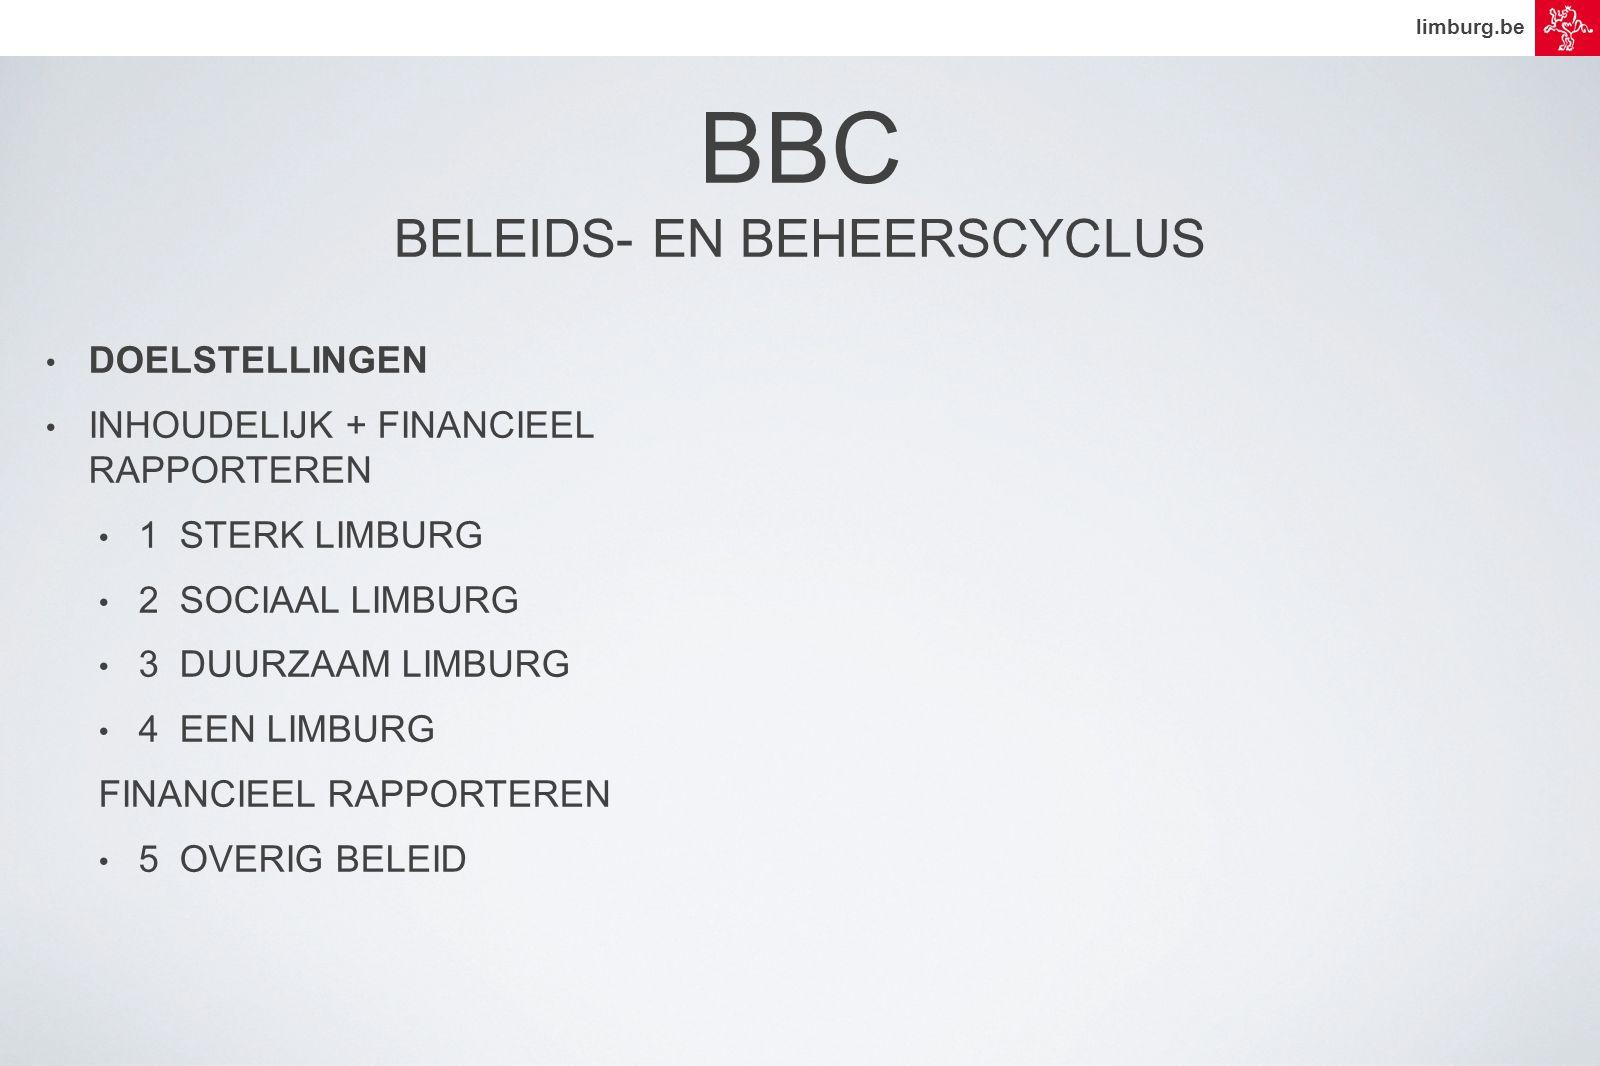 limburg.be • DOELSTELLINGEN • INHOUDELIJK + FINANCIEEL RAPPORTEREN • 1 STERK LIMBURG • 2 SOCIAAL LIMBURG • 3 DUURZAAM LIMBURG • 4 EEN LIMBURG FINANCIEEL RAPPORTEREN • 5 OVERIG BELEID BBC BELEIDS- EN BEHEERSCYCLUS